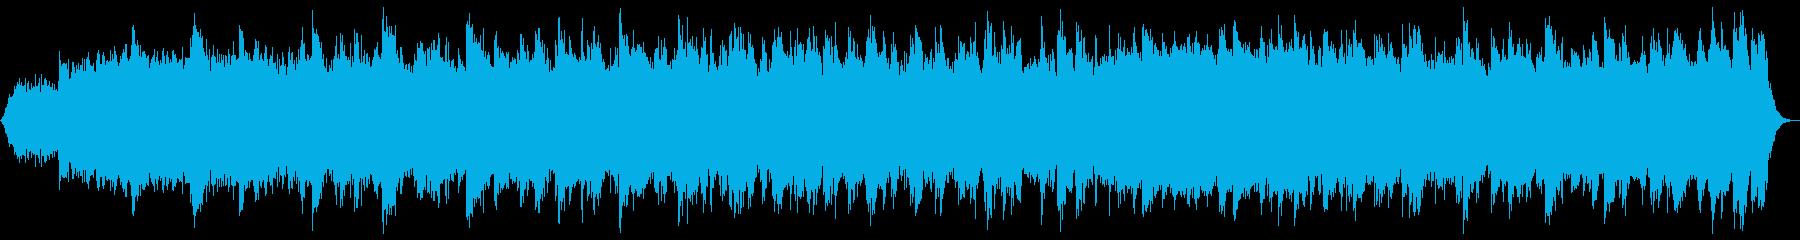 海や神秘的な癒しのイメージ#2(波音無)の再生済みの波形